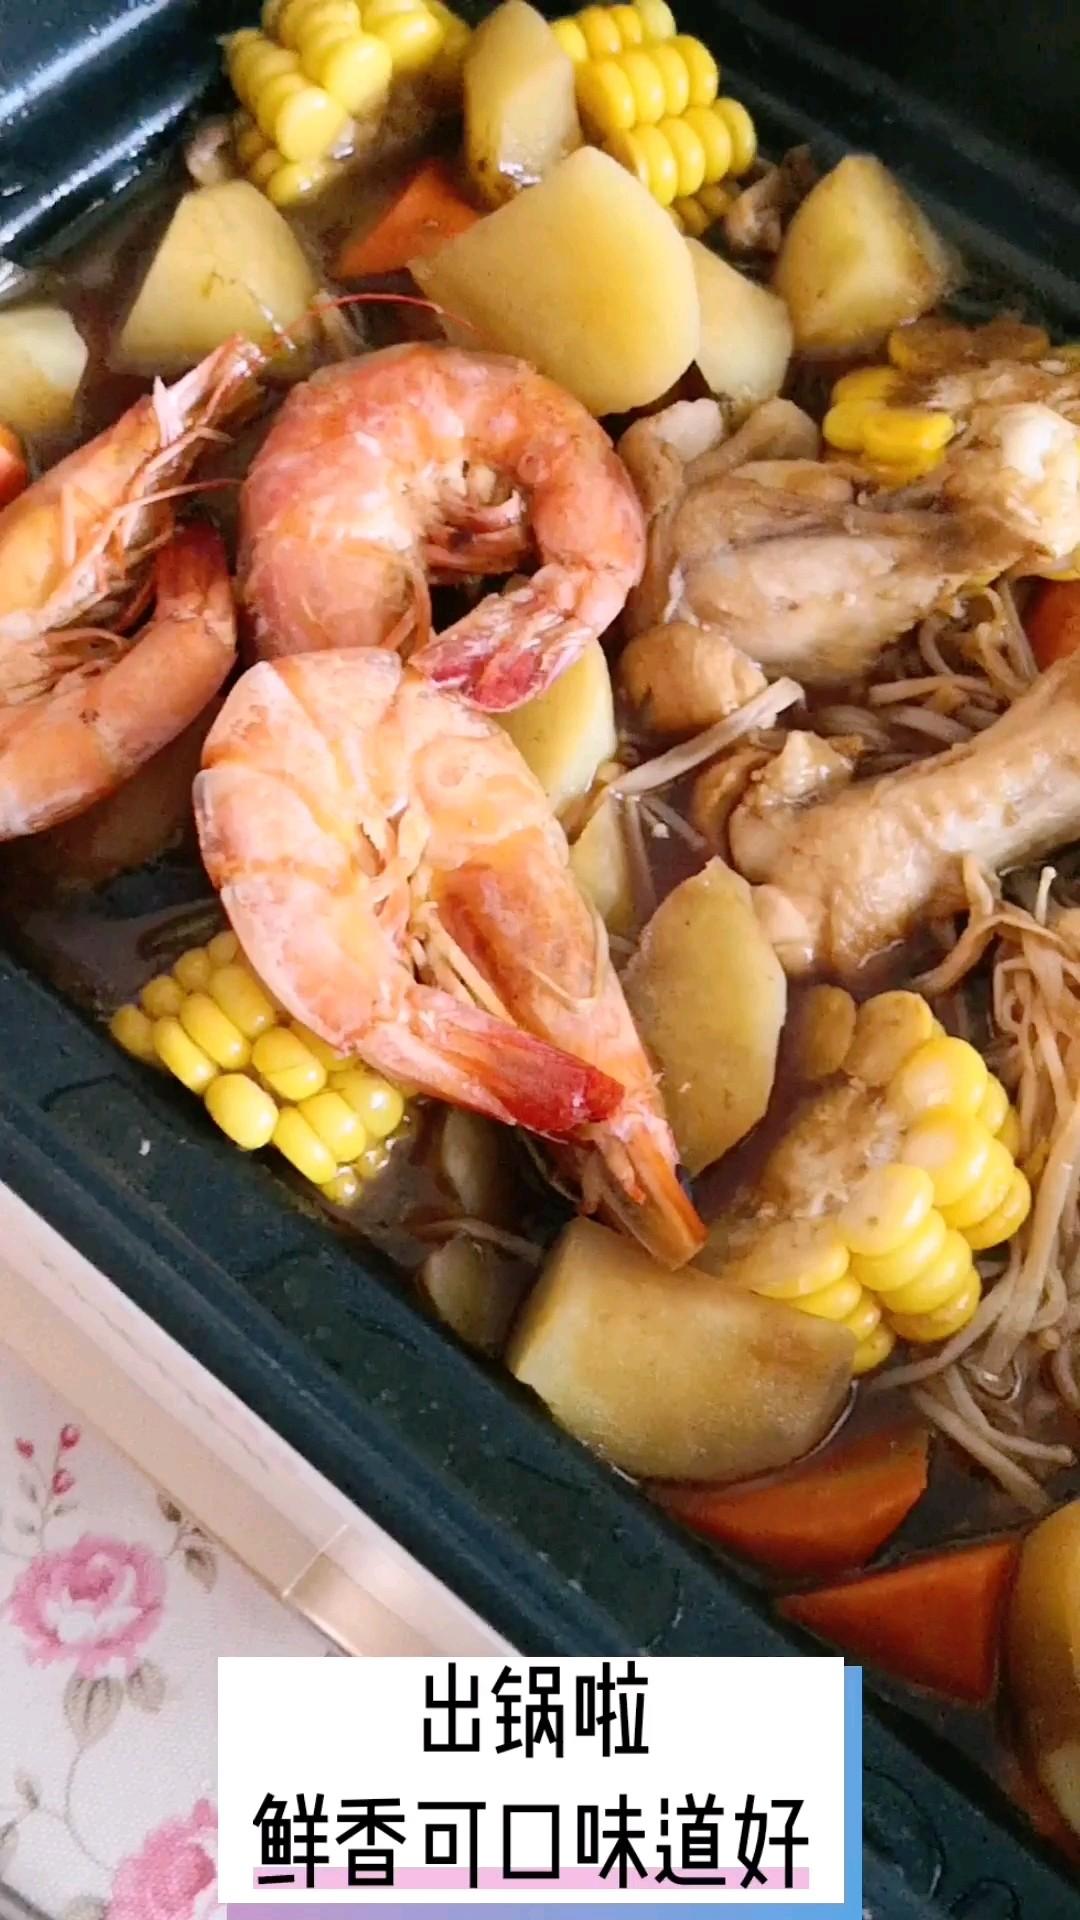 有肉有菜有海鲜,热乎乎满口留香的简单做法